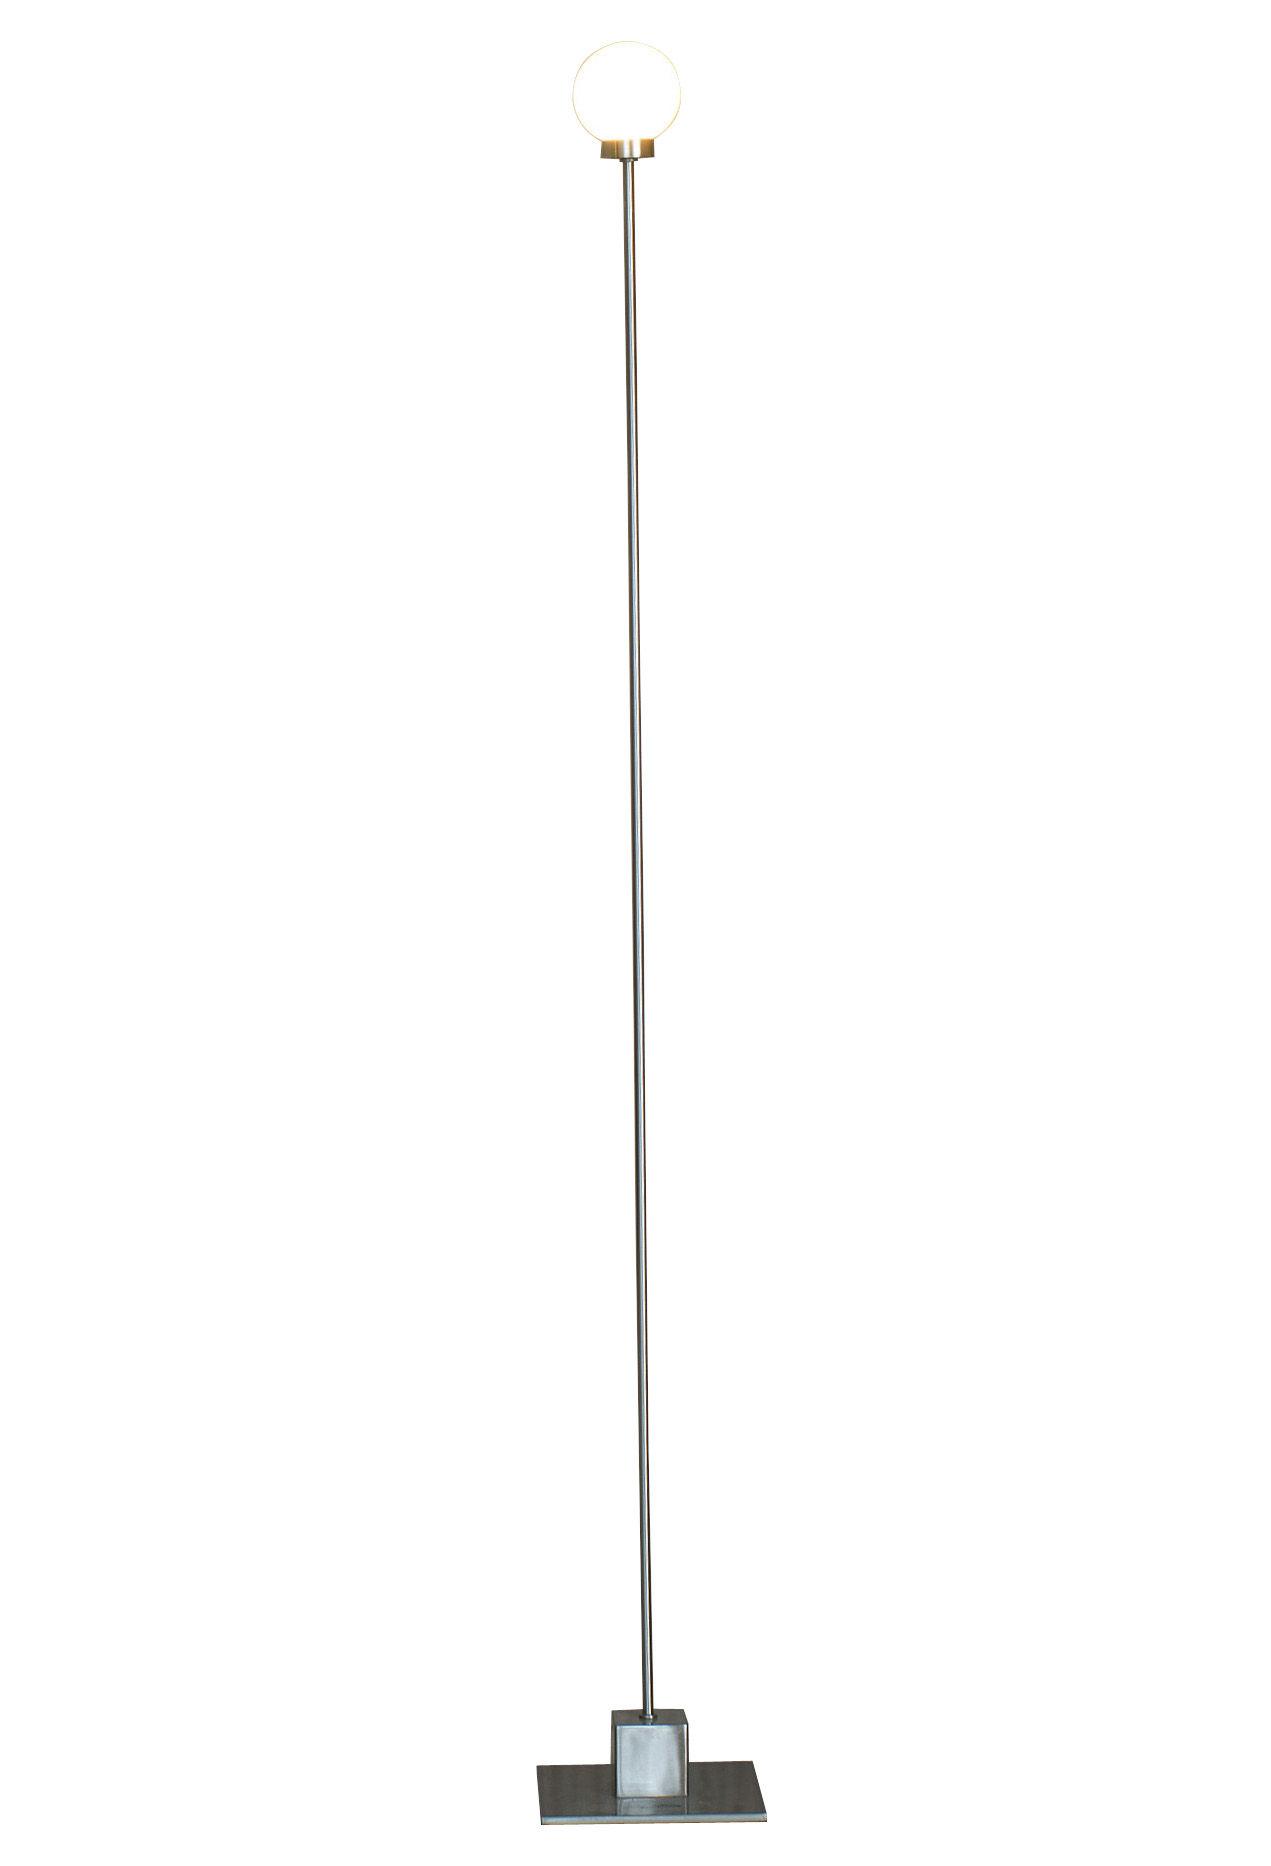 Luminaire - Lampadaires - Lampadaire Snowball - Northern  - Corps métal - Métal satiné, Verre